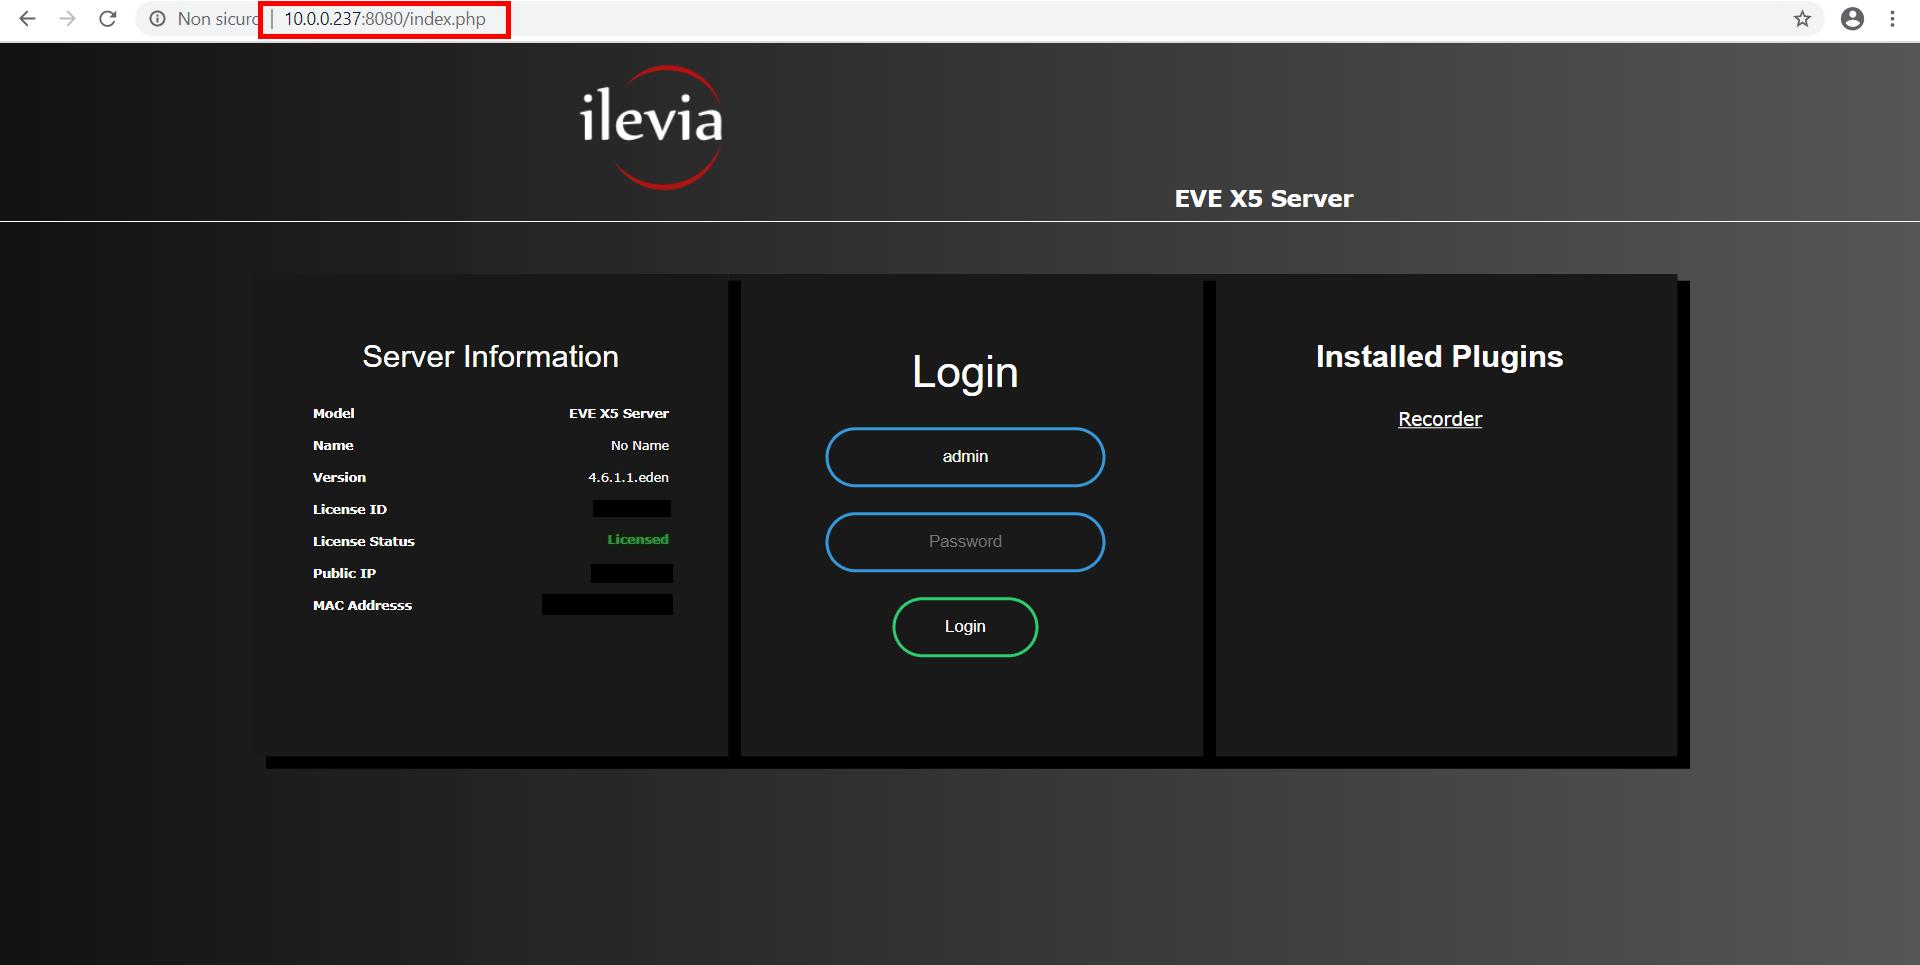 Come entrare all'interno della pagina di configurazione del server Macchina virtuale EVE X5